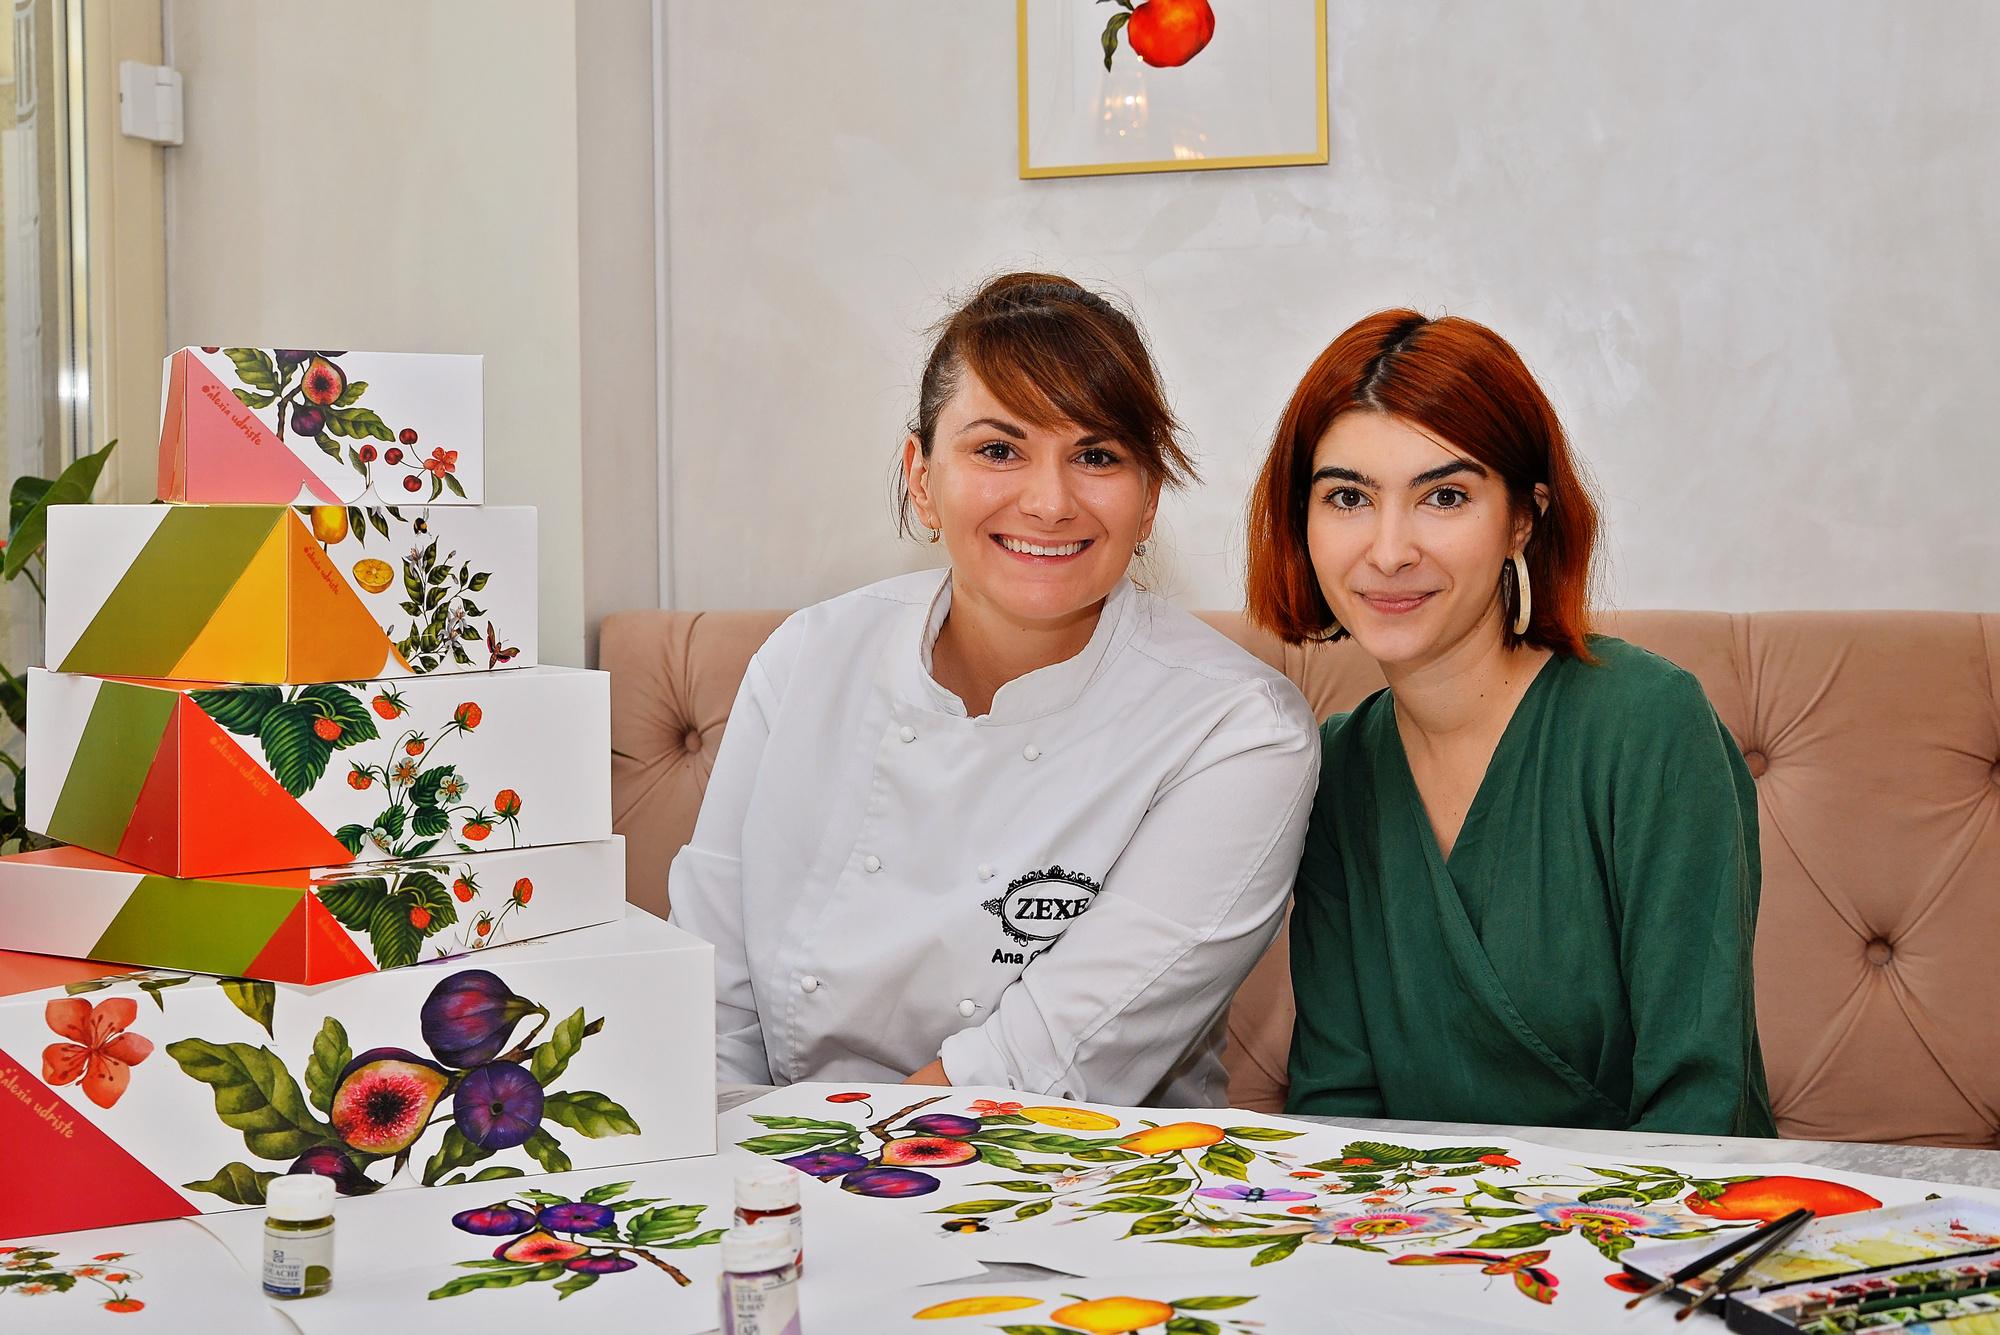 Artistul Alexia Udriște semnează noua colecție de ambalaje Zexe Braserie